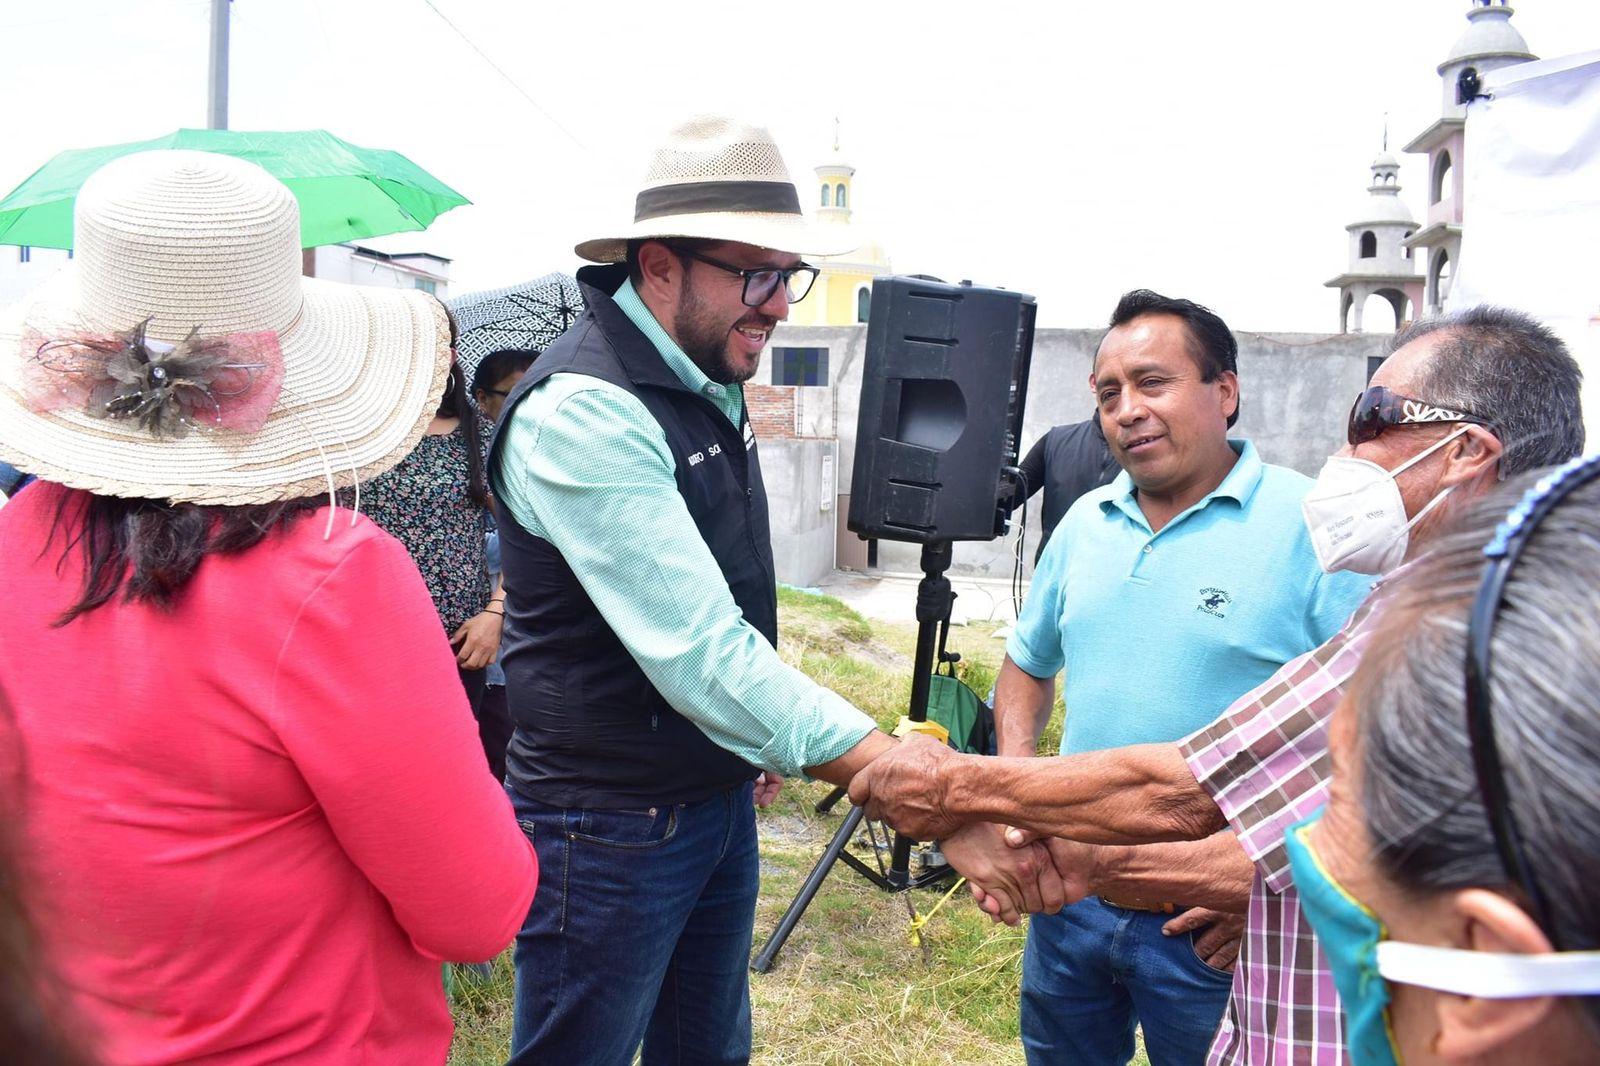 El mercado de la pirotecnia y alfarería será una realidad en Almoloya de Juárez